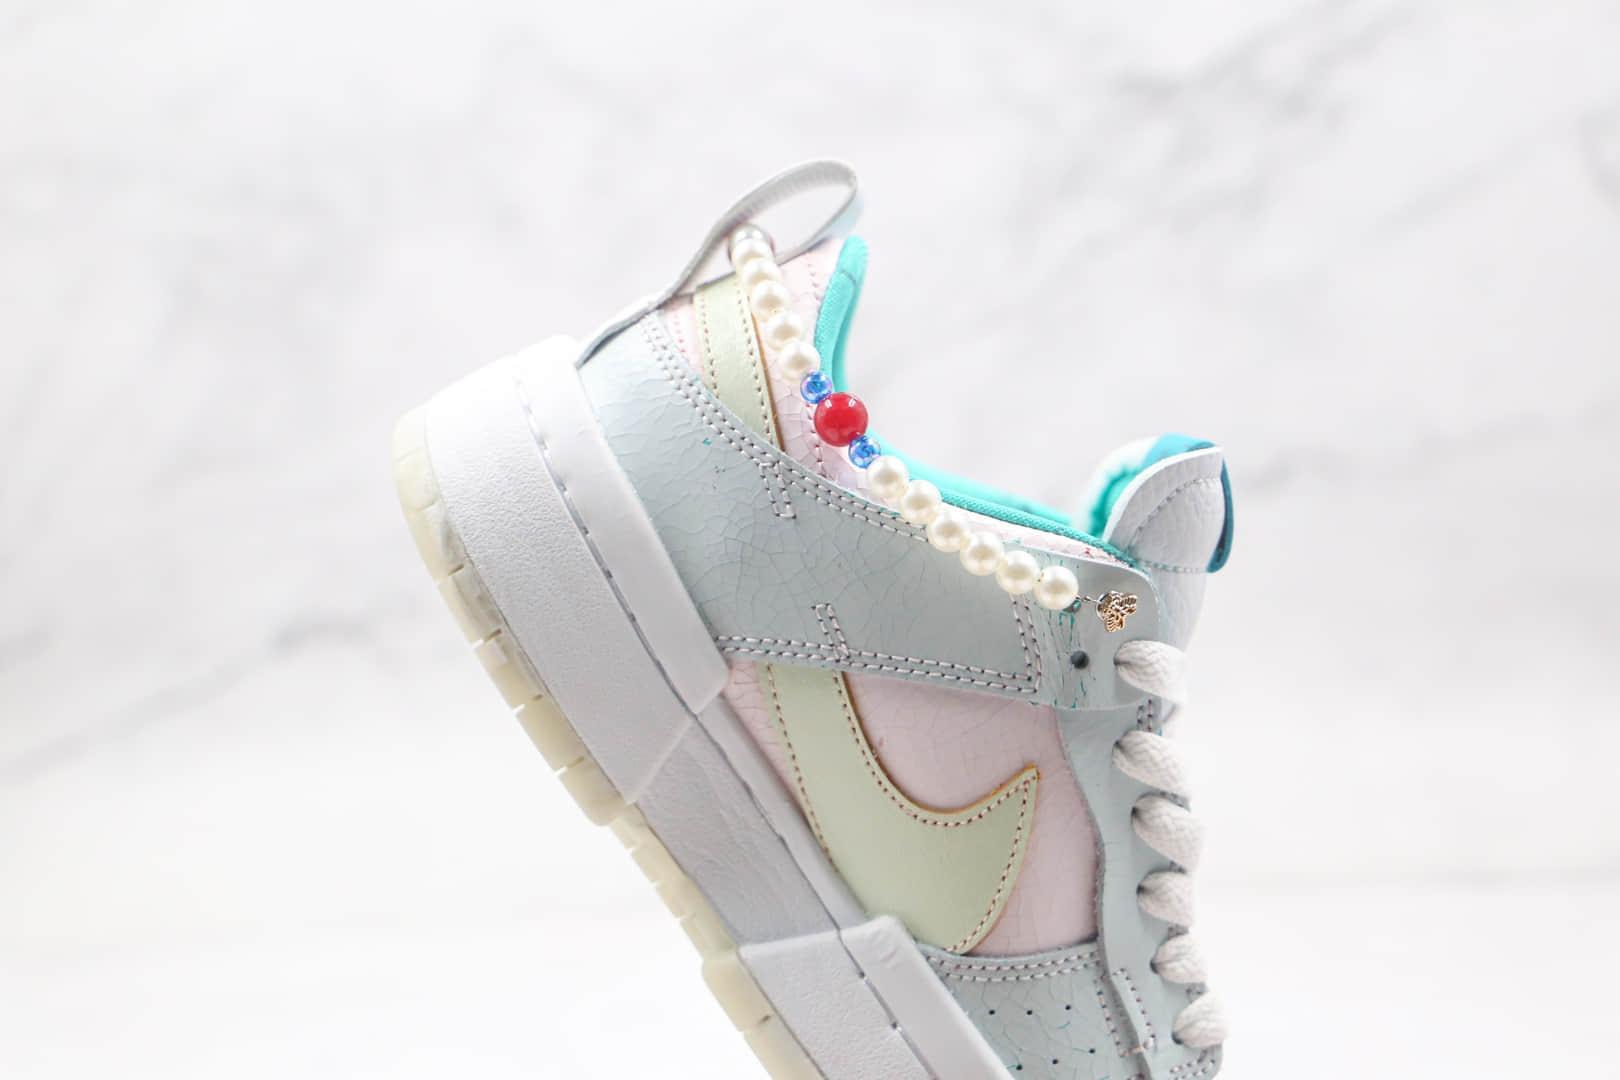 耐克Nike Dunk Low Disrupt纯原版本低帮DUNK刮刮乐紫禁城白绿宝石珍珠板鞋内置气垫 货号:DC3282-013